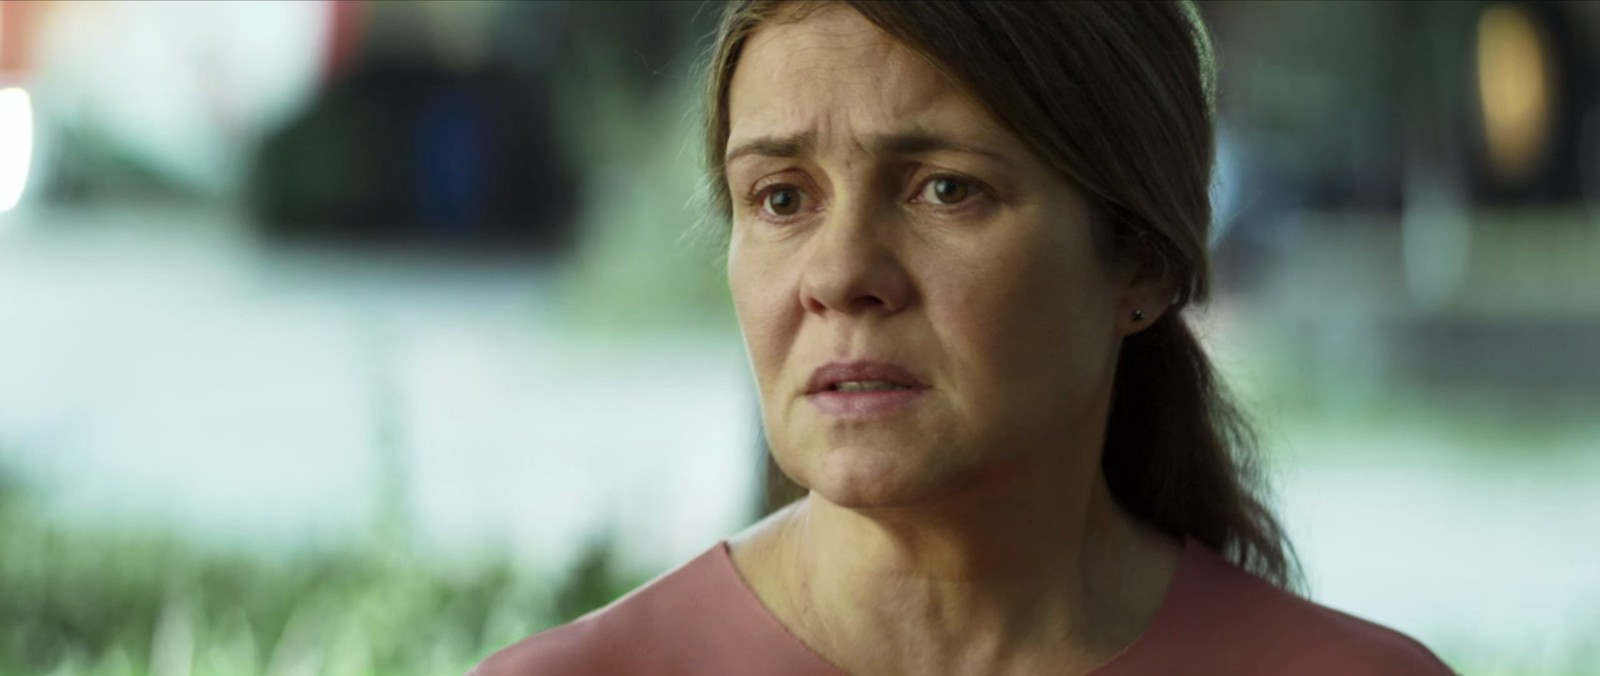 Adriana Esteves será Thelma, em Amor de Mãe. Foto: Divulgação/ TV Globo